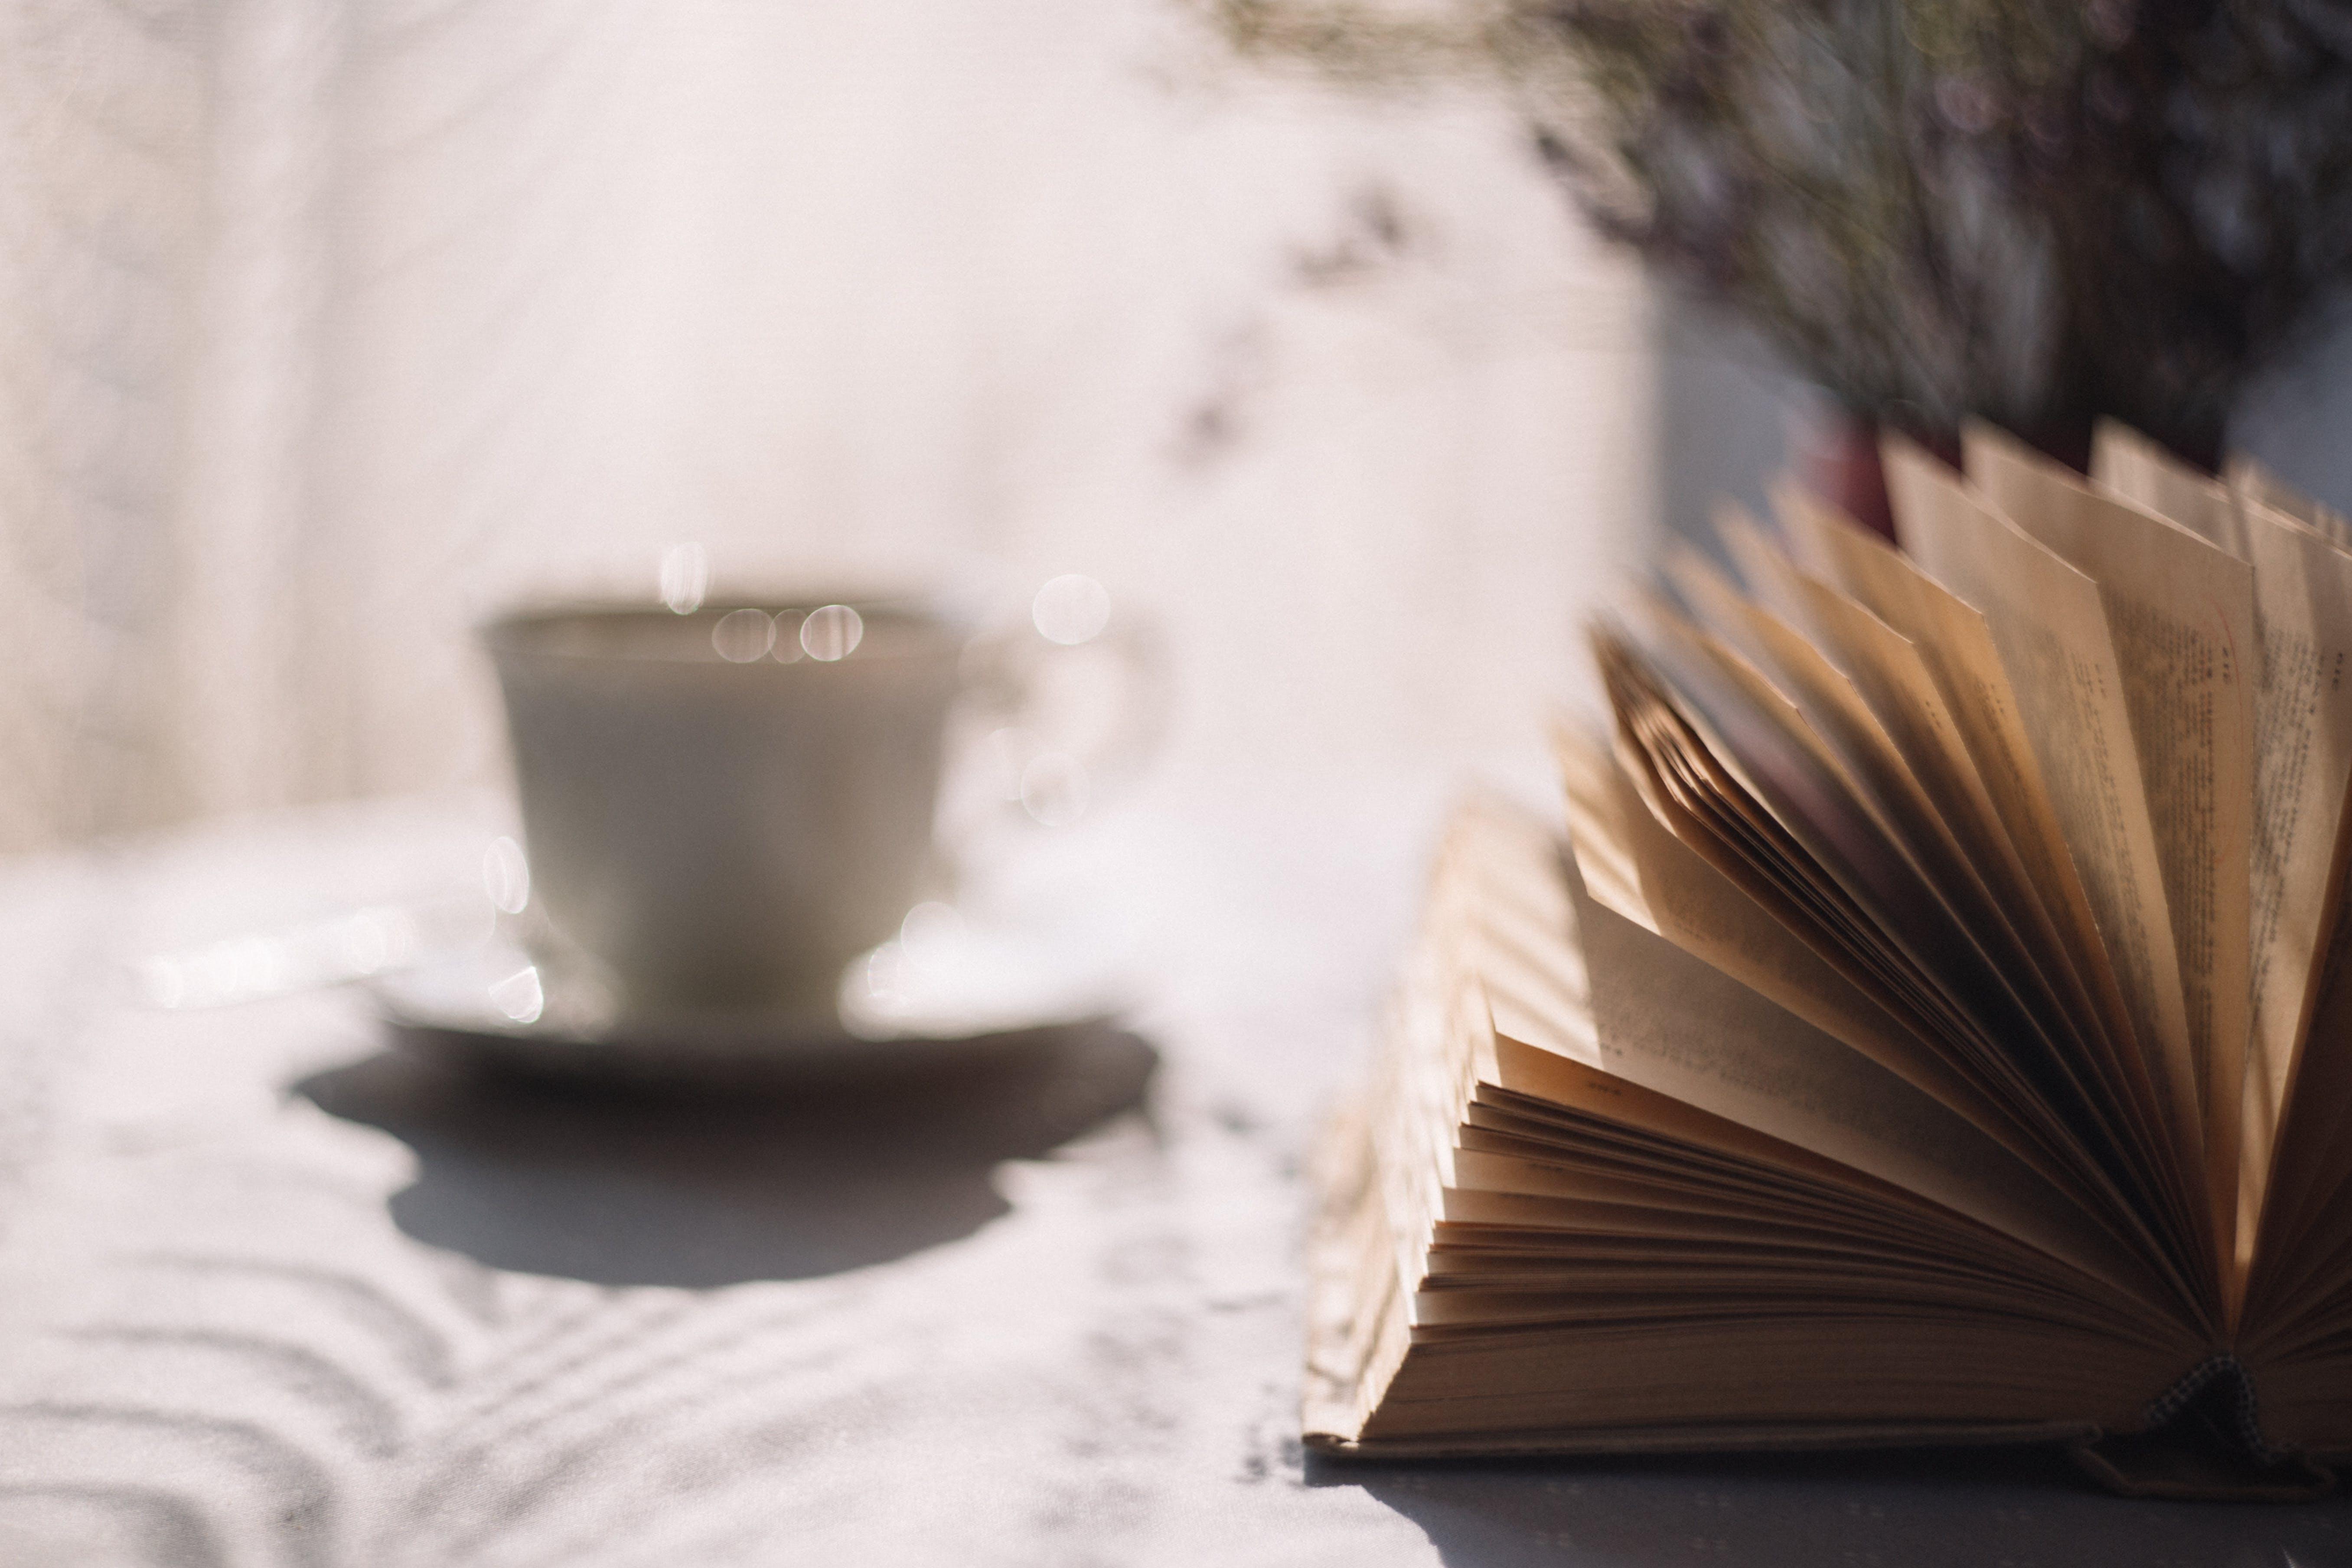 Kostenloses Stock Foto zu kaffee, tasse, becher, tisch